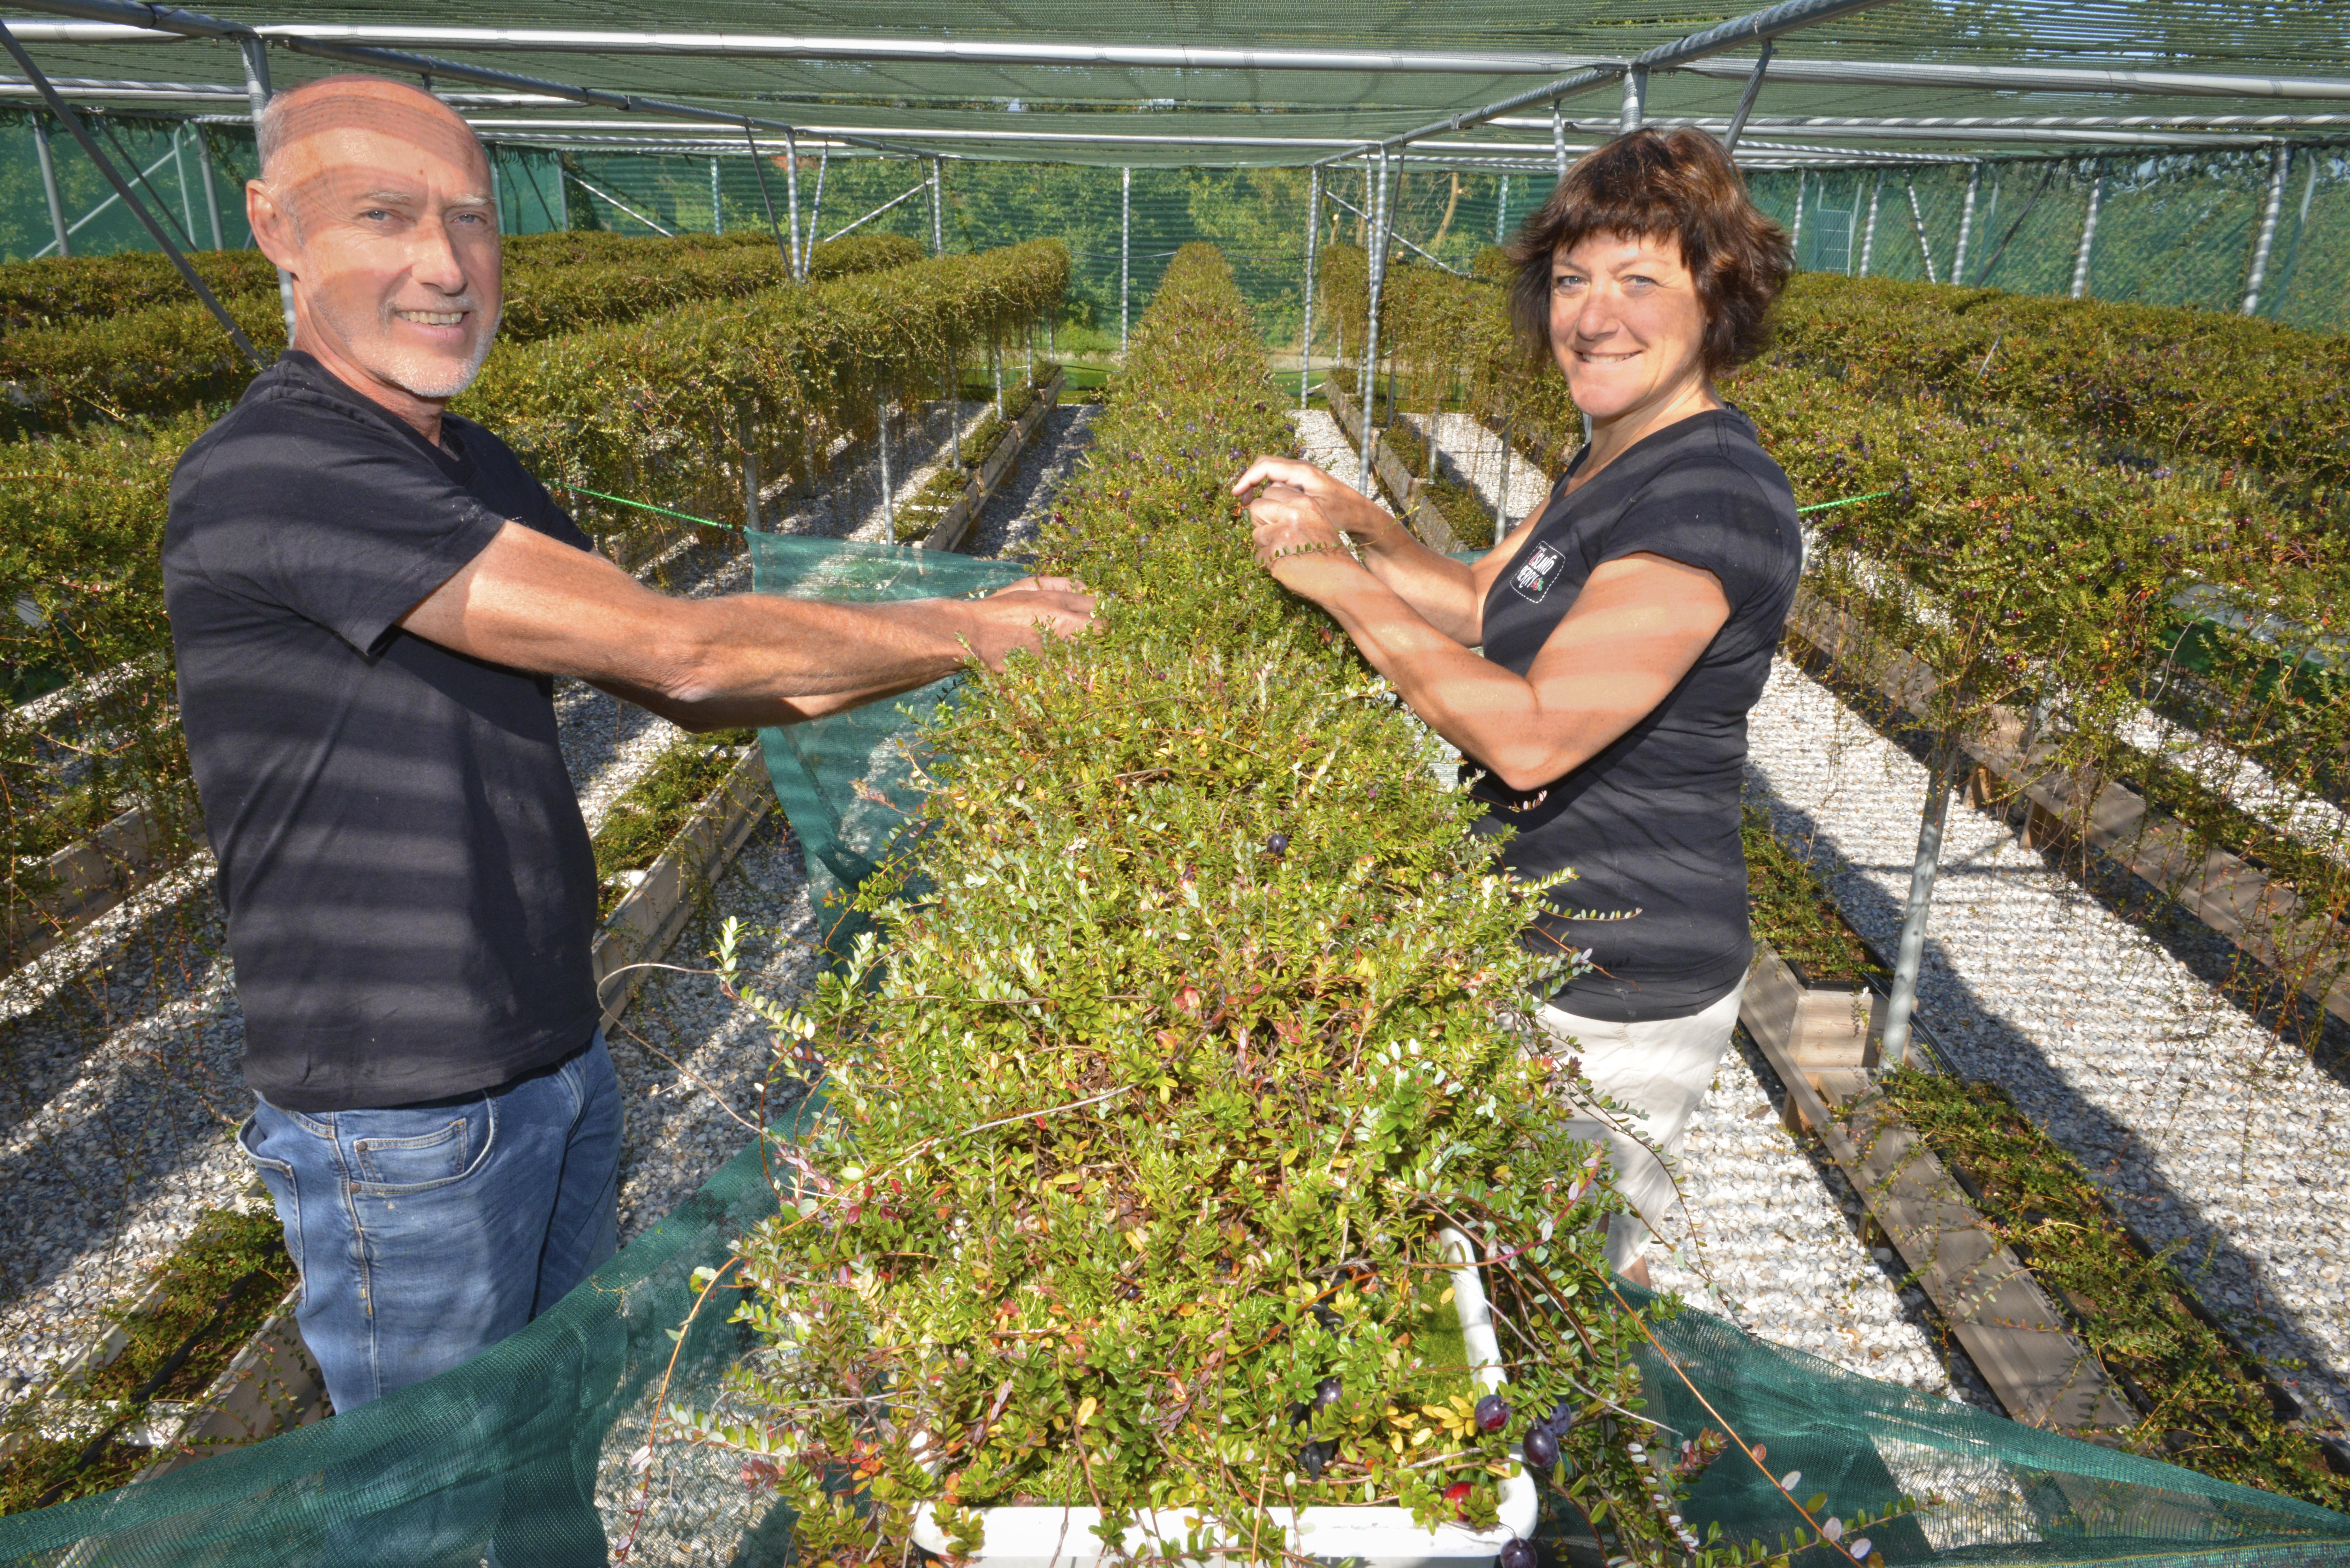 Eerste Texelse cranberryoogst smaakt naar meer. Met hangende teelt hebben Jan en Jantina Buijs de teelt in hun vingers